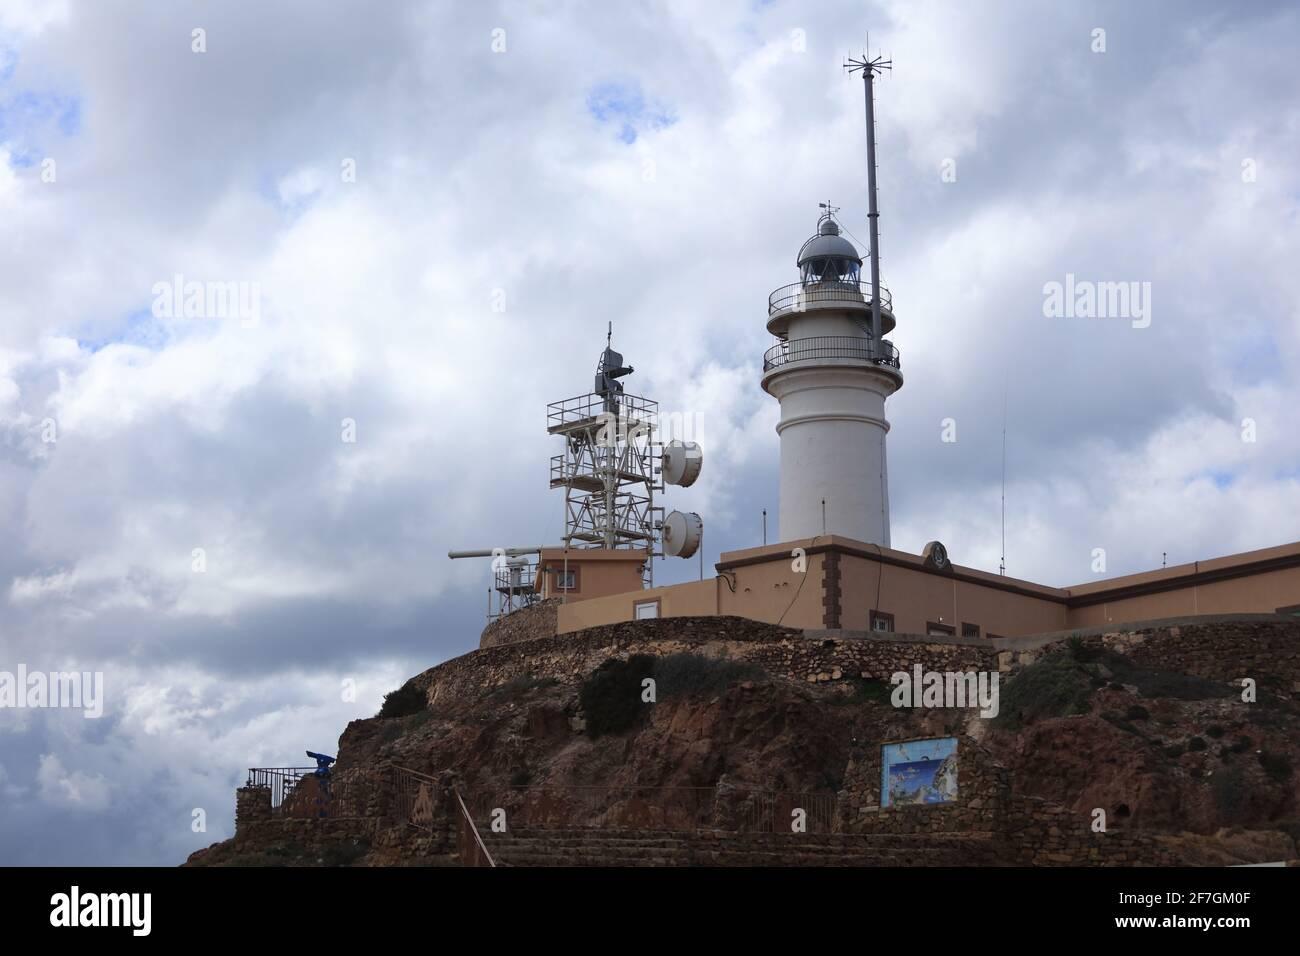 La péninsule de Cabo de Gata - la région la plus sèche d'Europe. Banque D'Images